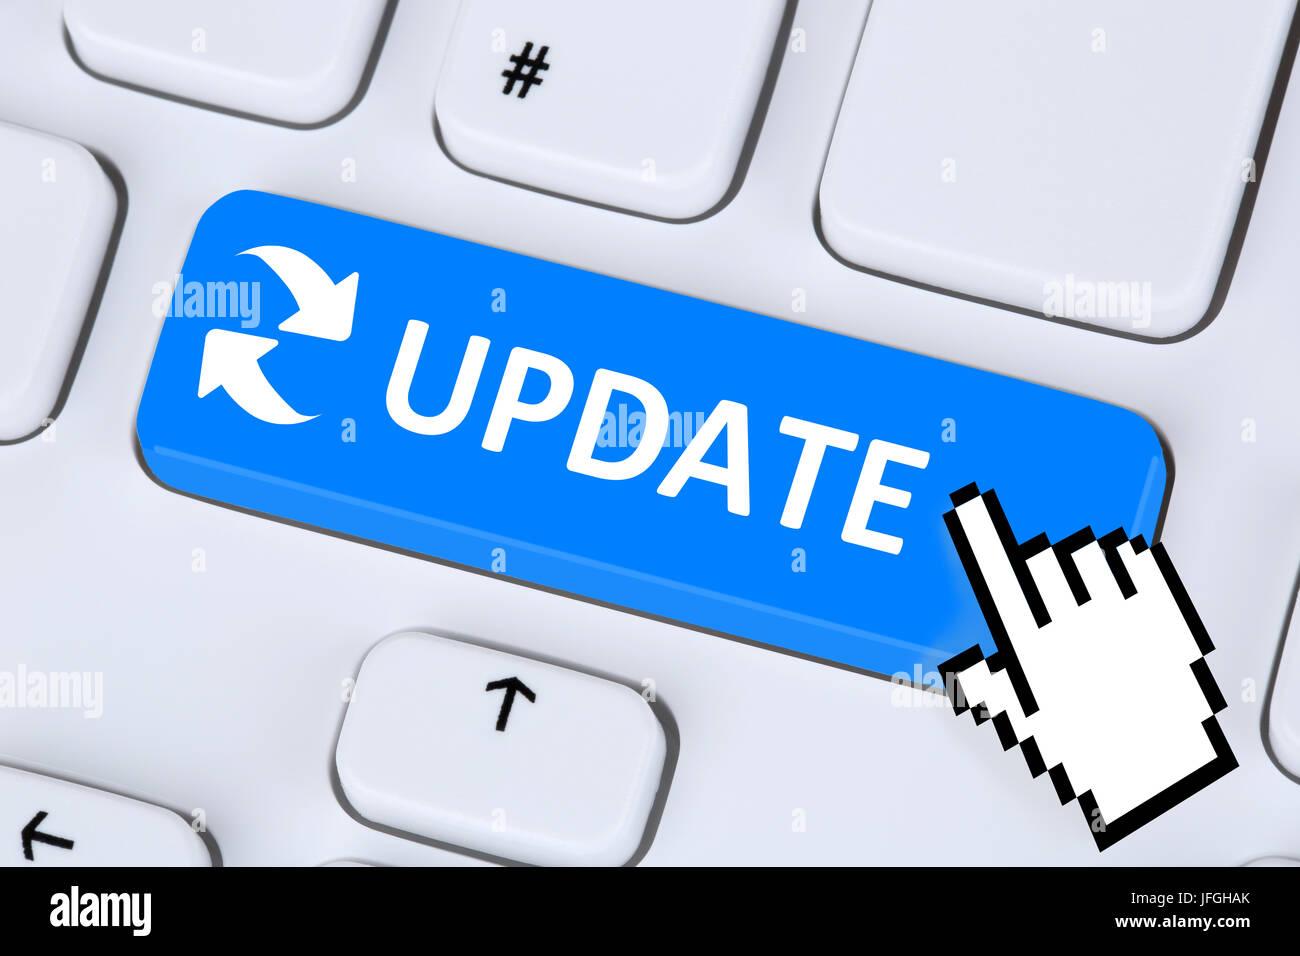 Mise à jour du logiciel informatique Virus Schutz vor aktualisieren Photo Stock